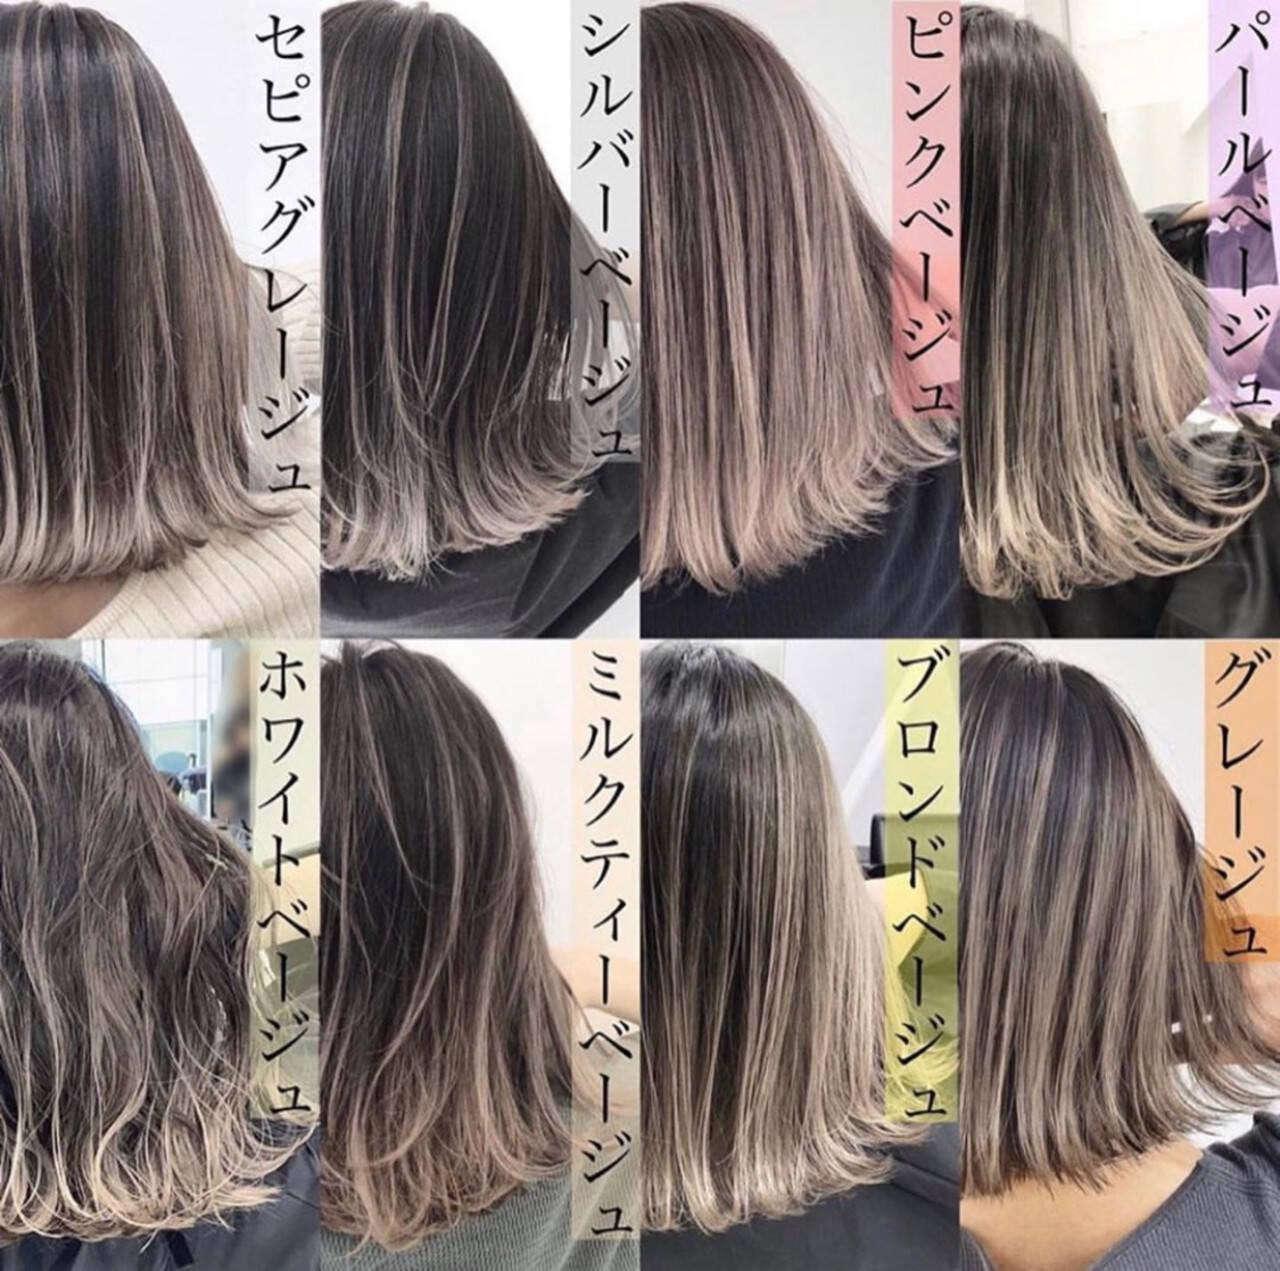 ピンクベージュ ストリート バレイヤージュ ミディアムヘアスタイルや髪型の写真・画像